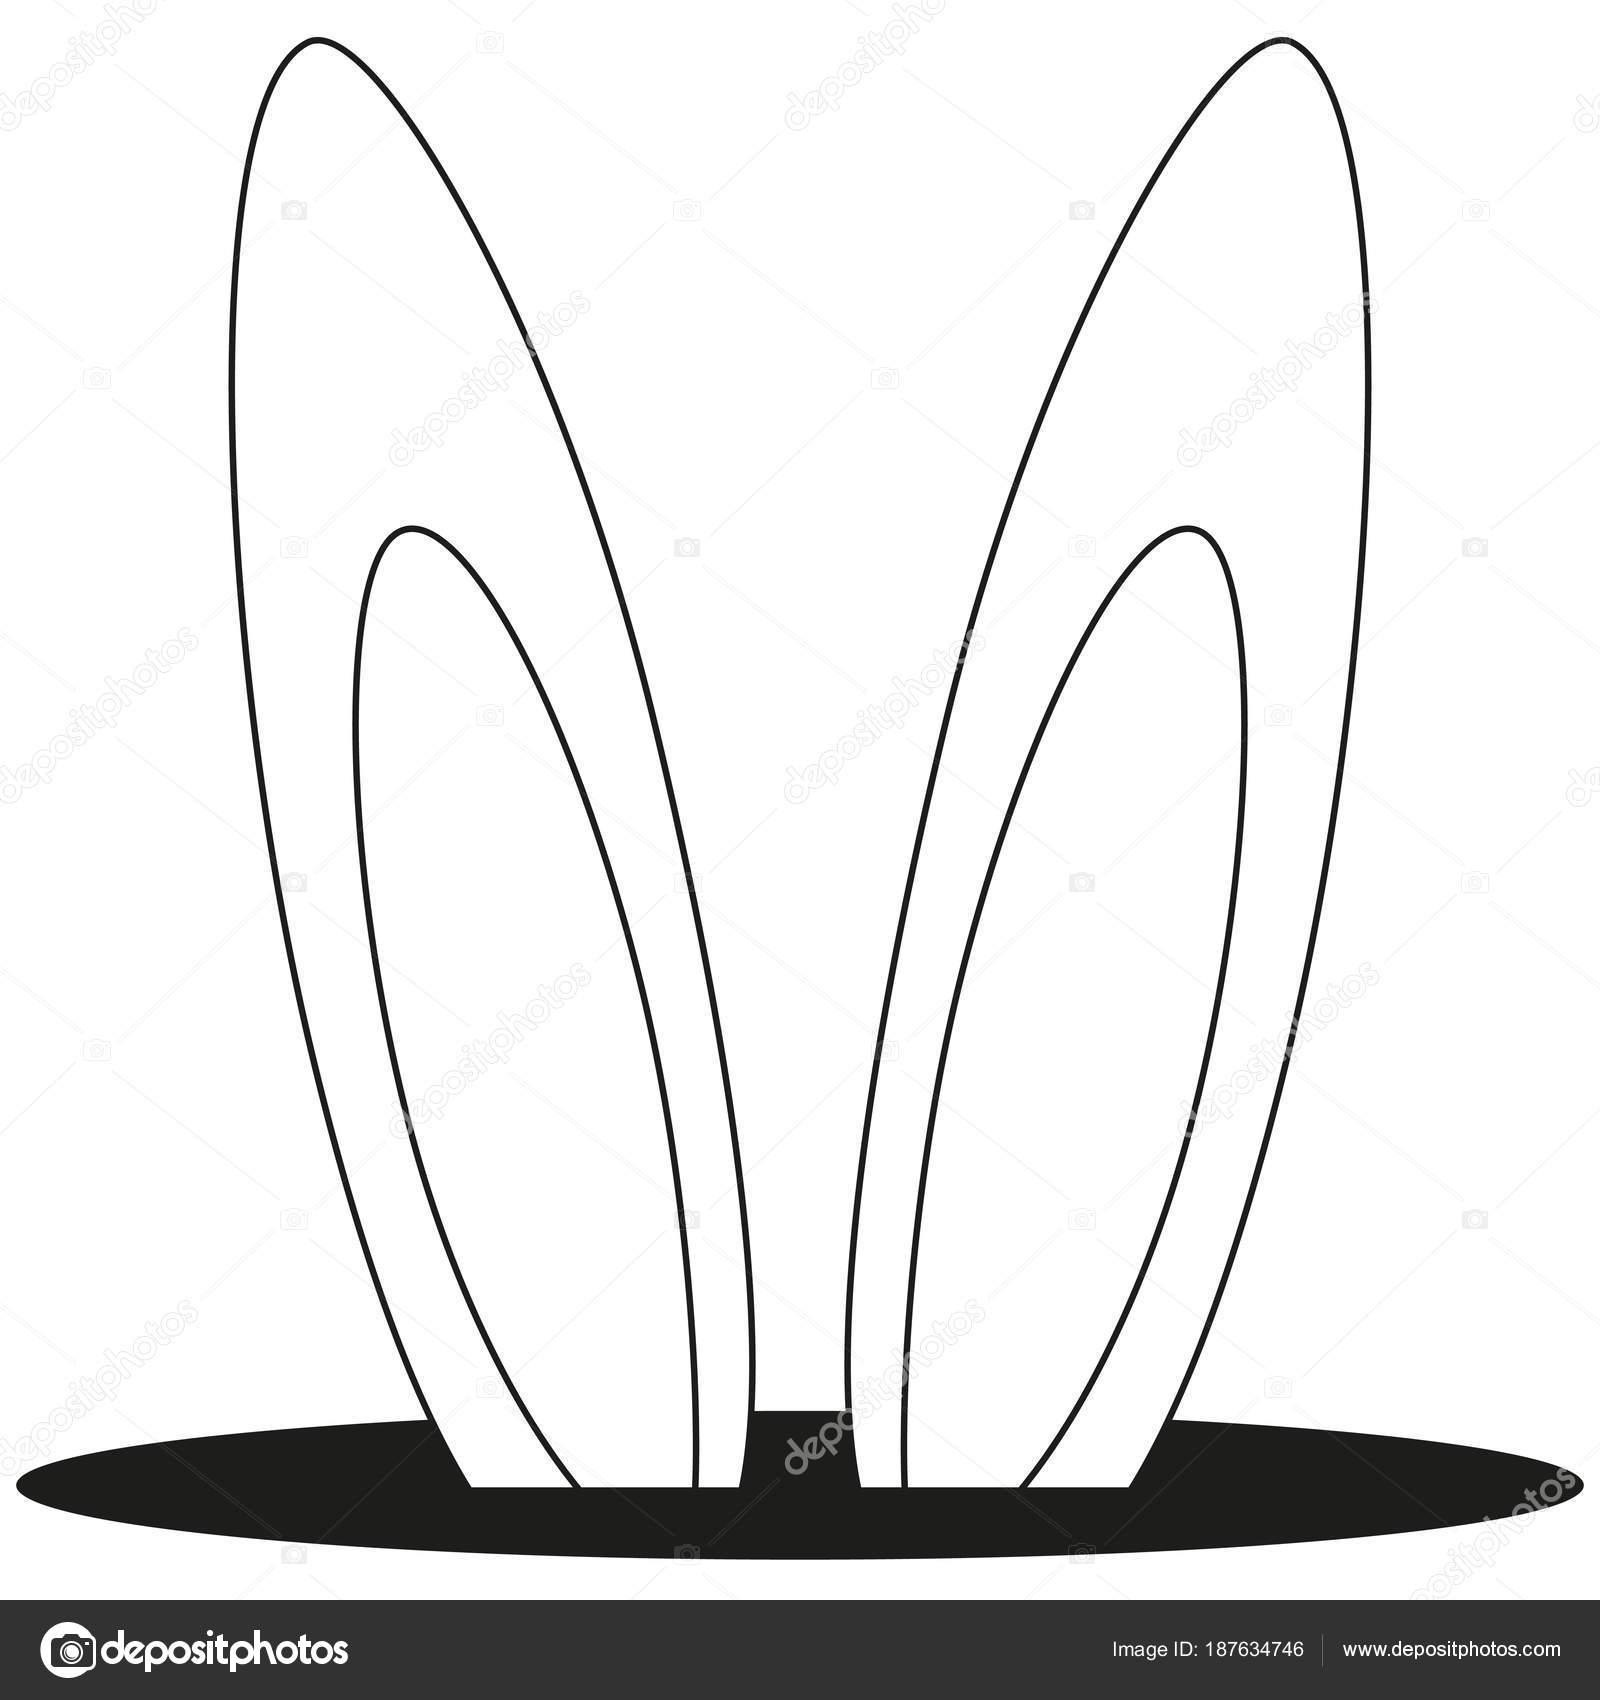 Linia sztuki i czarne uszy kr lika dziura ikona grafika for Lepre immagini da stampare